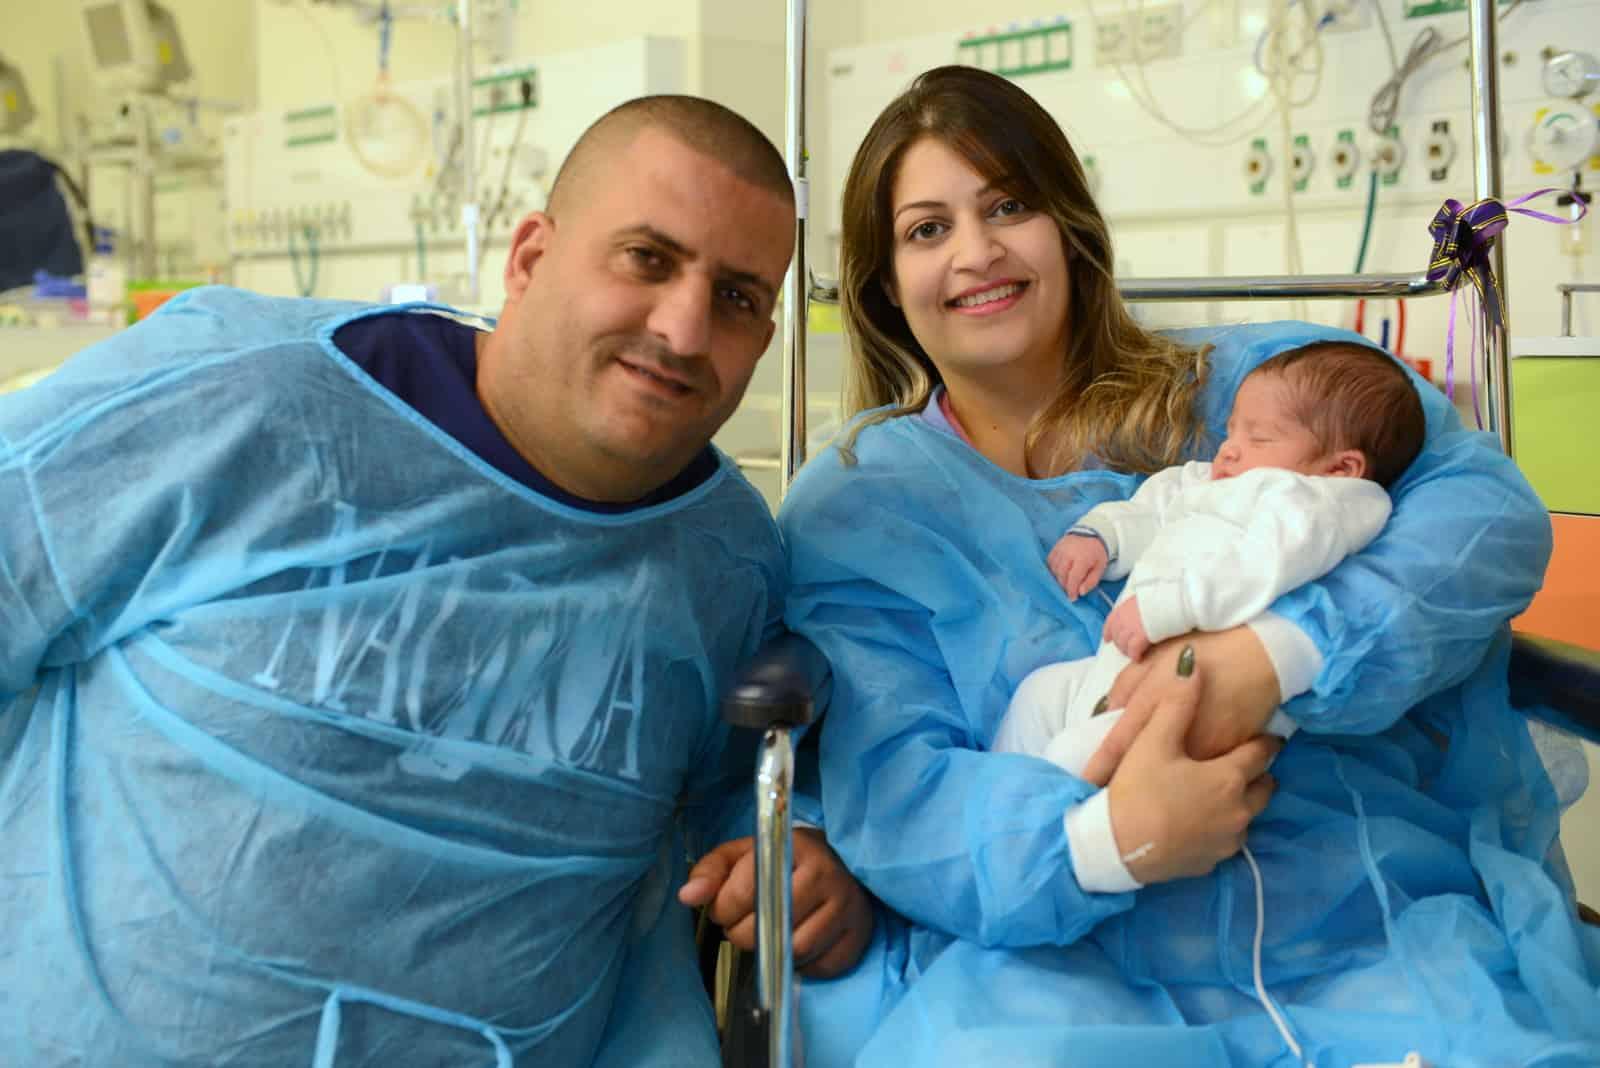 """היולדת החליקה ושברה את האגן. בניתוח משולב רופאי רמב""""ם הצילו את חייה ויילדו את בתה"""